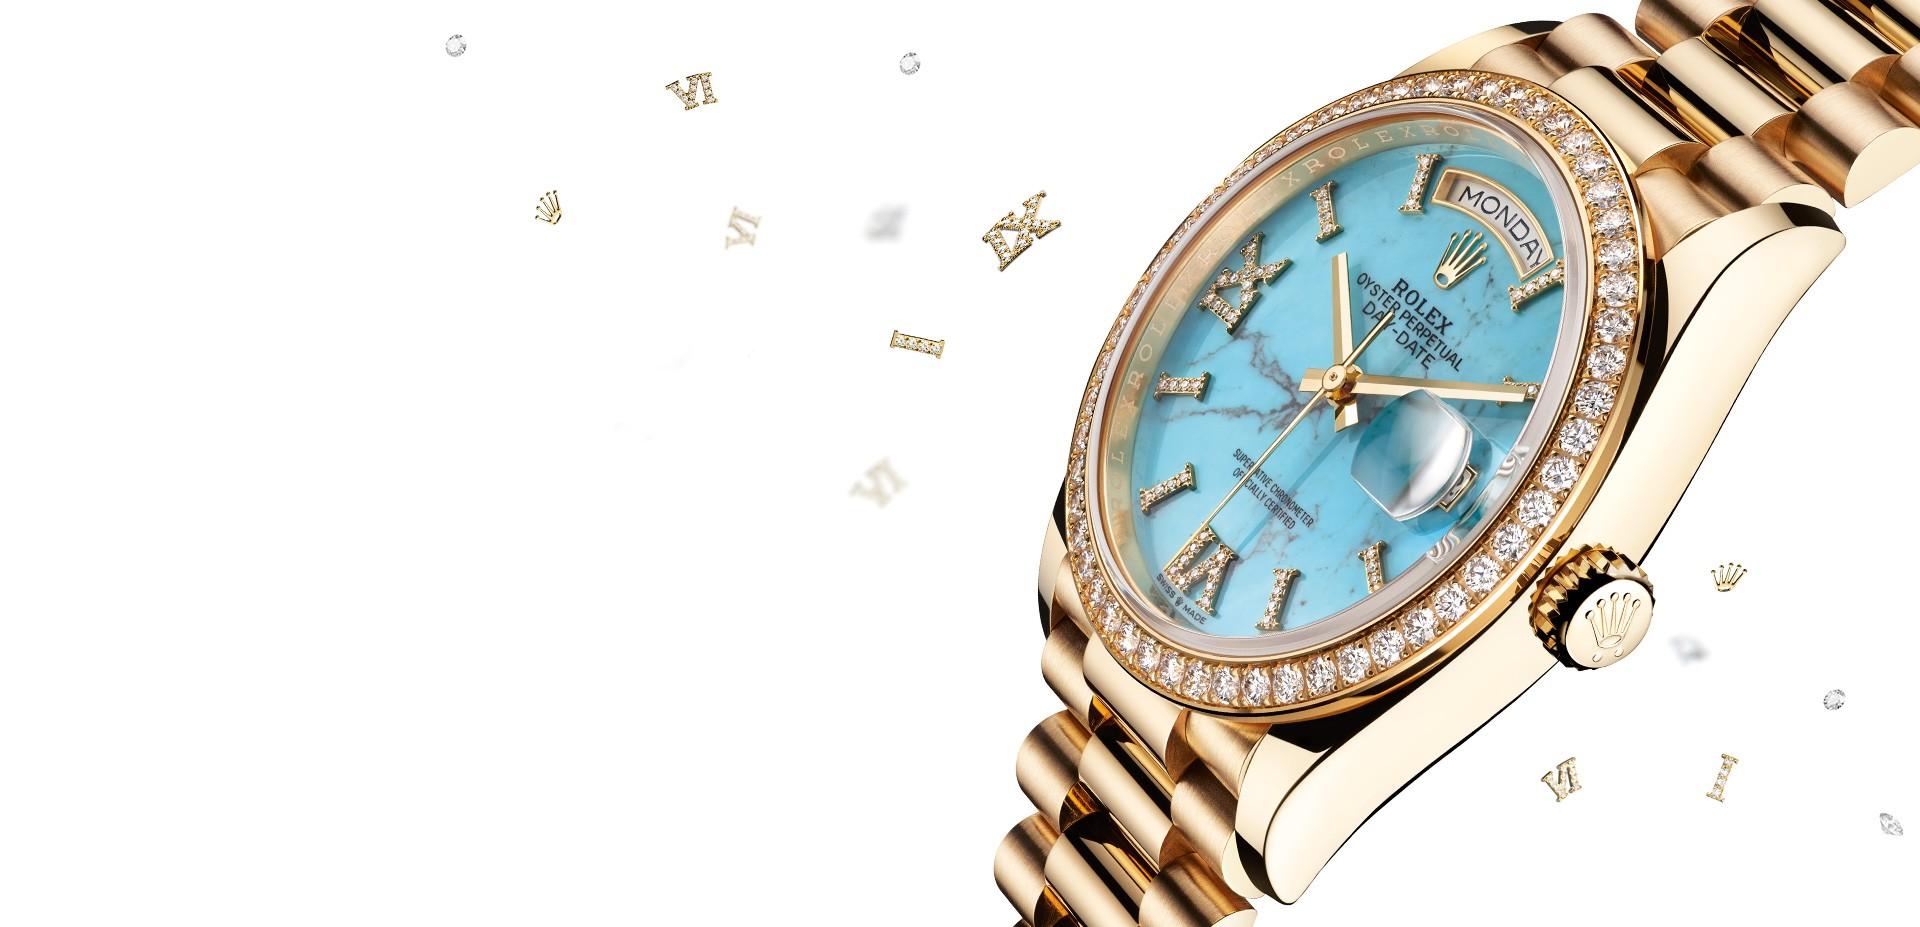 Rolex - Revendeur Officiel Rolex - Rolex Luxembourg - Montres de Luxe Rolex